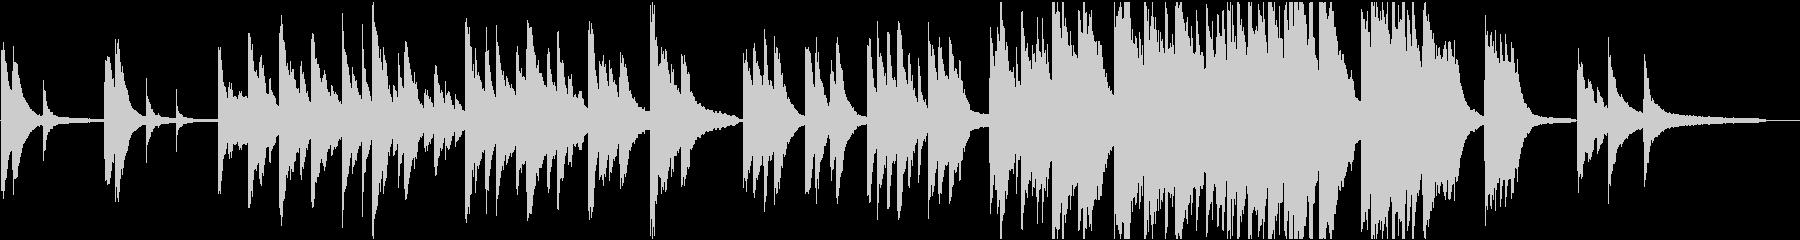 企業VP18 16bit48kHzVerの未再生の波形